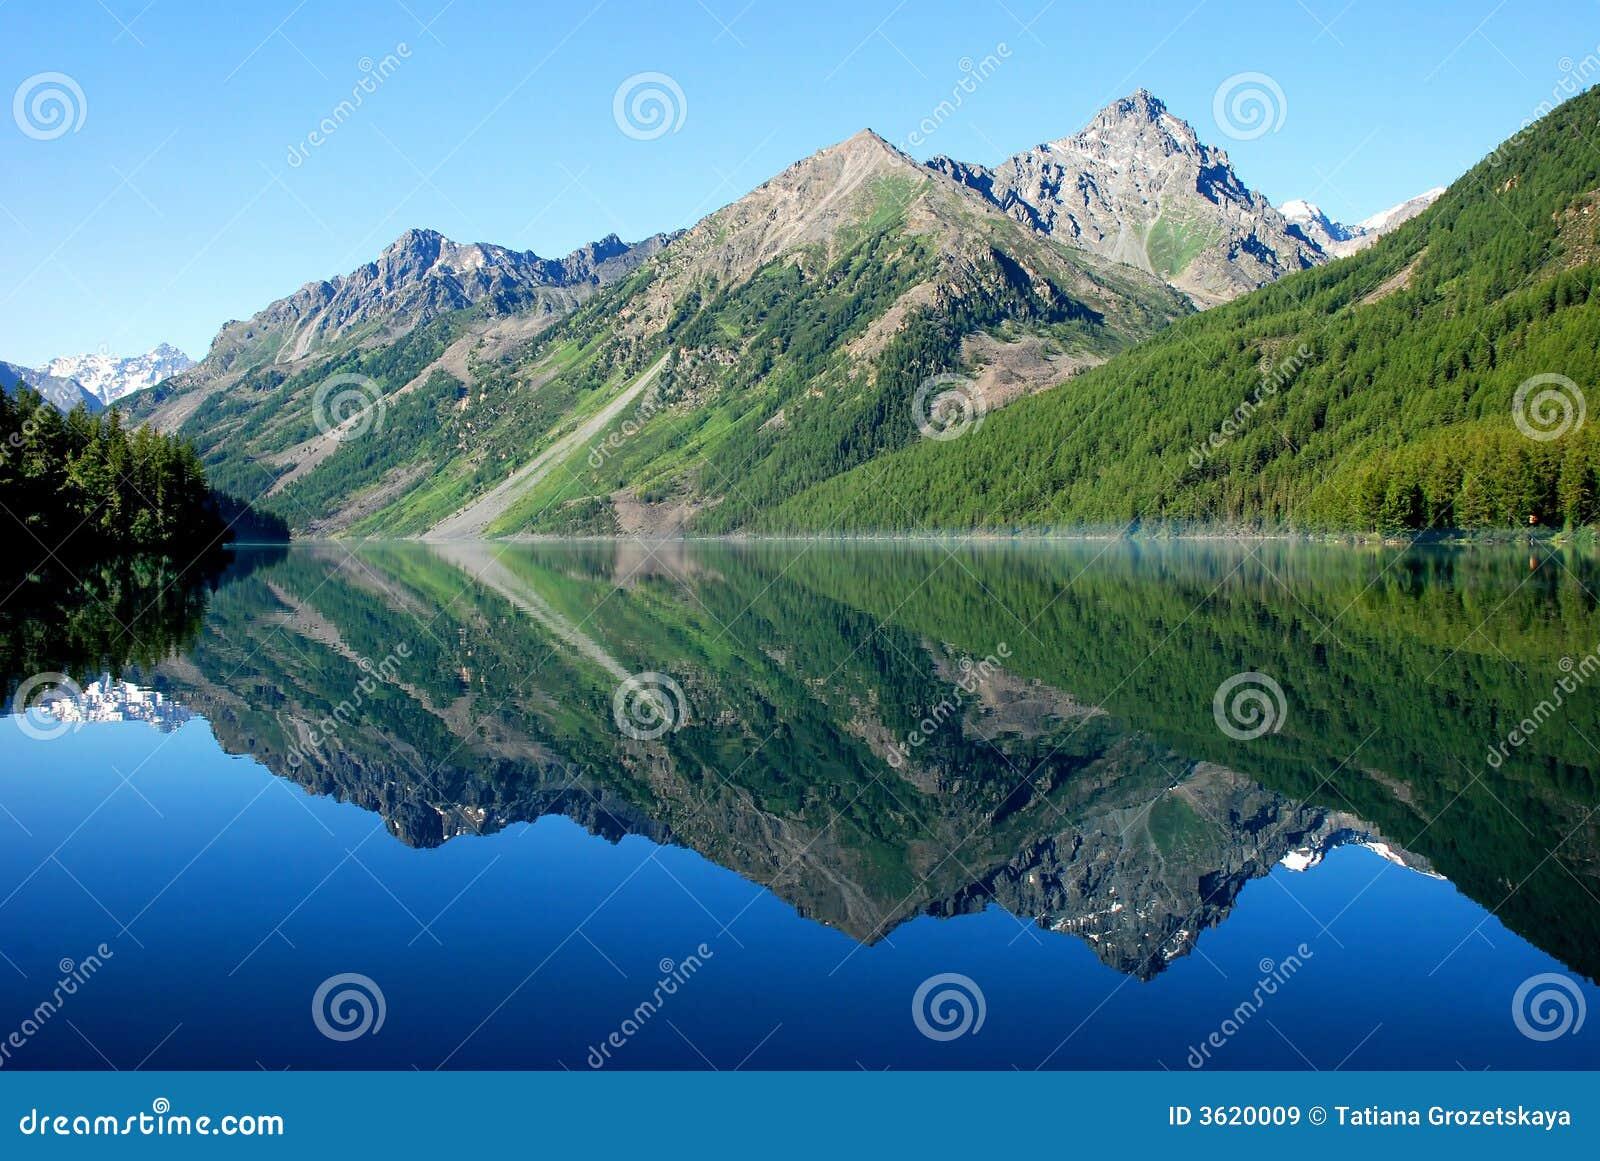 Lago Kucherlinskoe, Altai